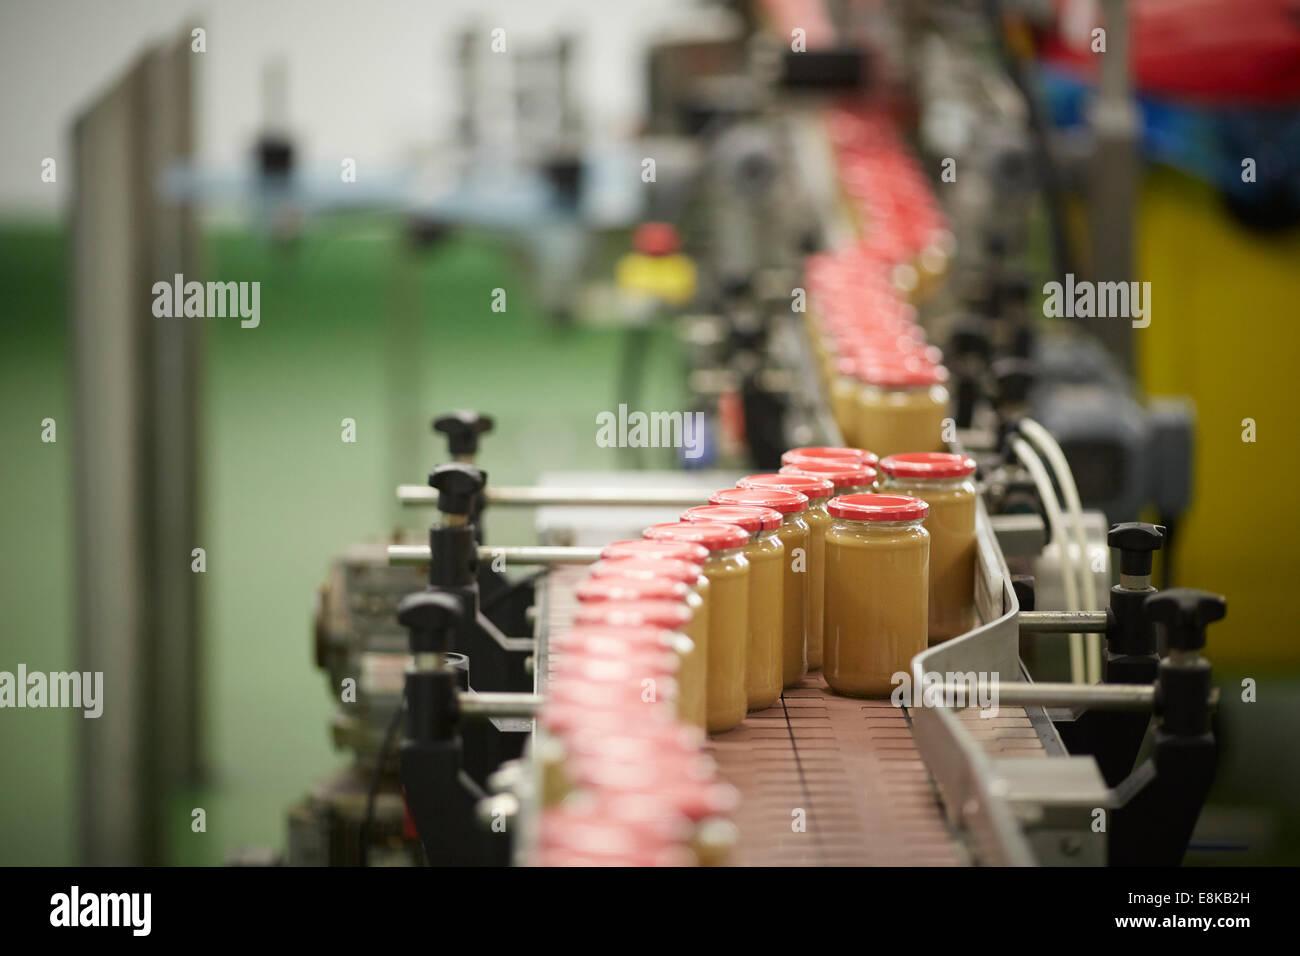 Fabrication de beurre d'arachide de l'usine de production en ligne l'entreprise familiale d'usine Photo Stock